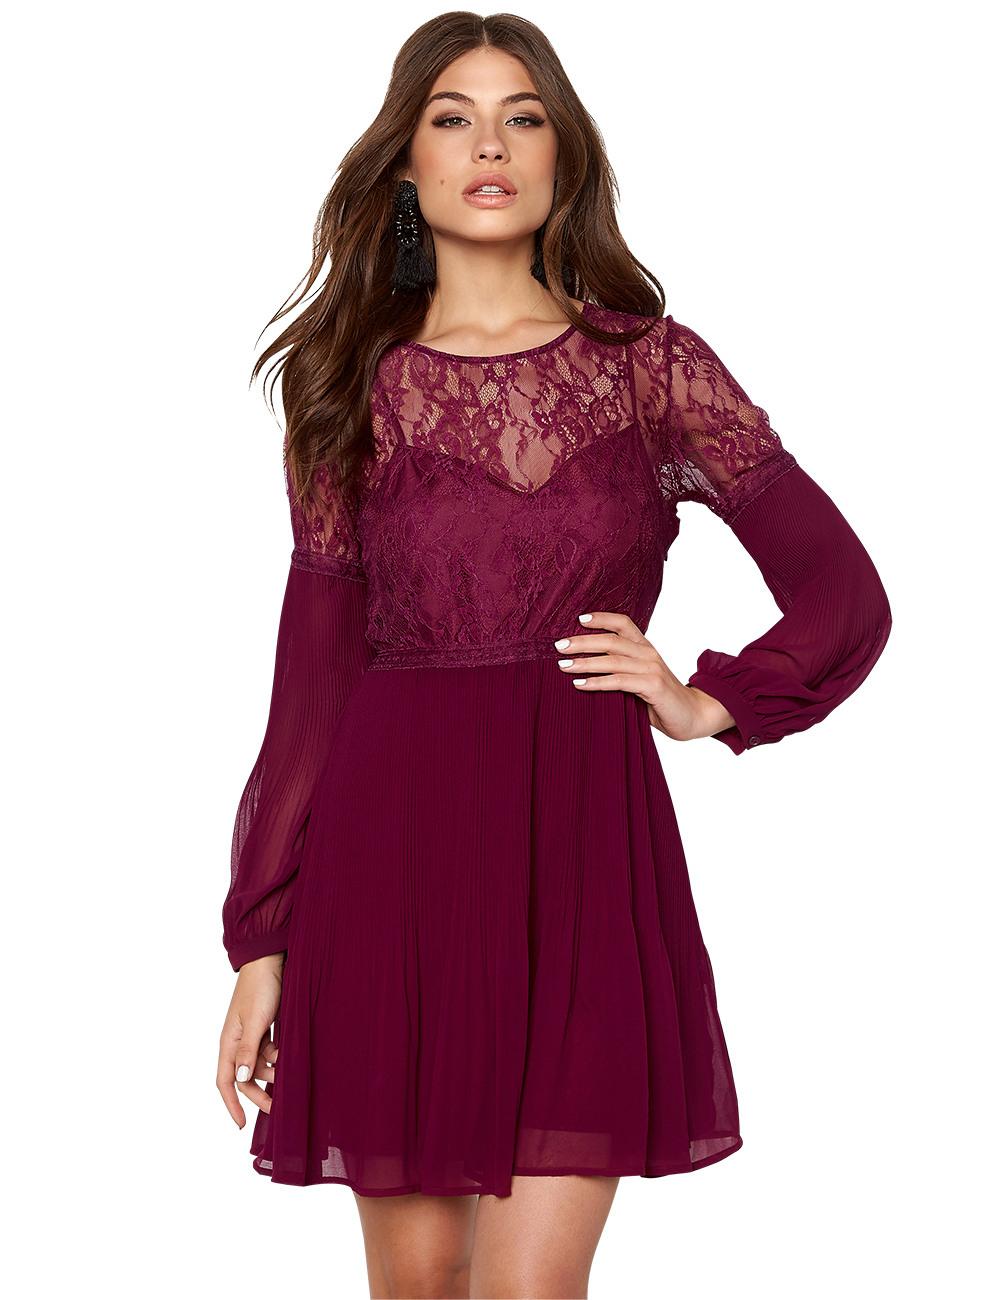 15 Schön Kleid Spitze Bordeaux Stylish15 Coolste Kleid Spitze Bordeaux Spezialgebiet